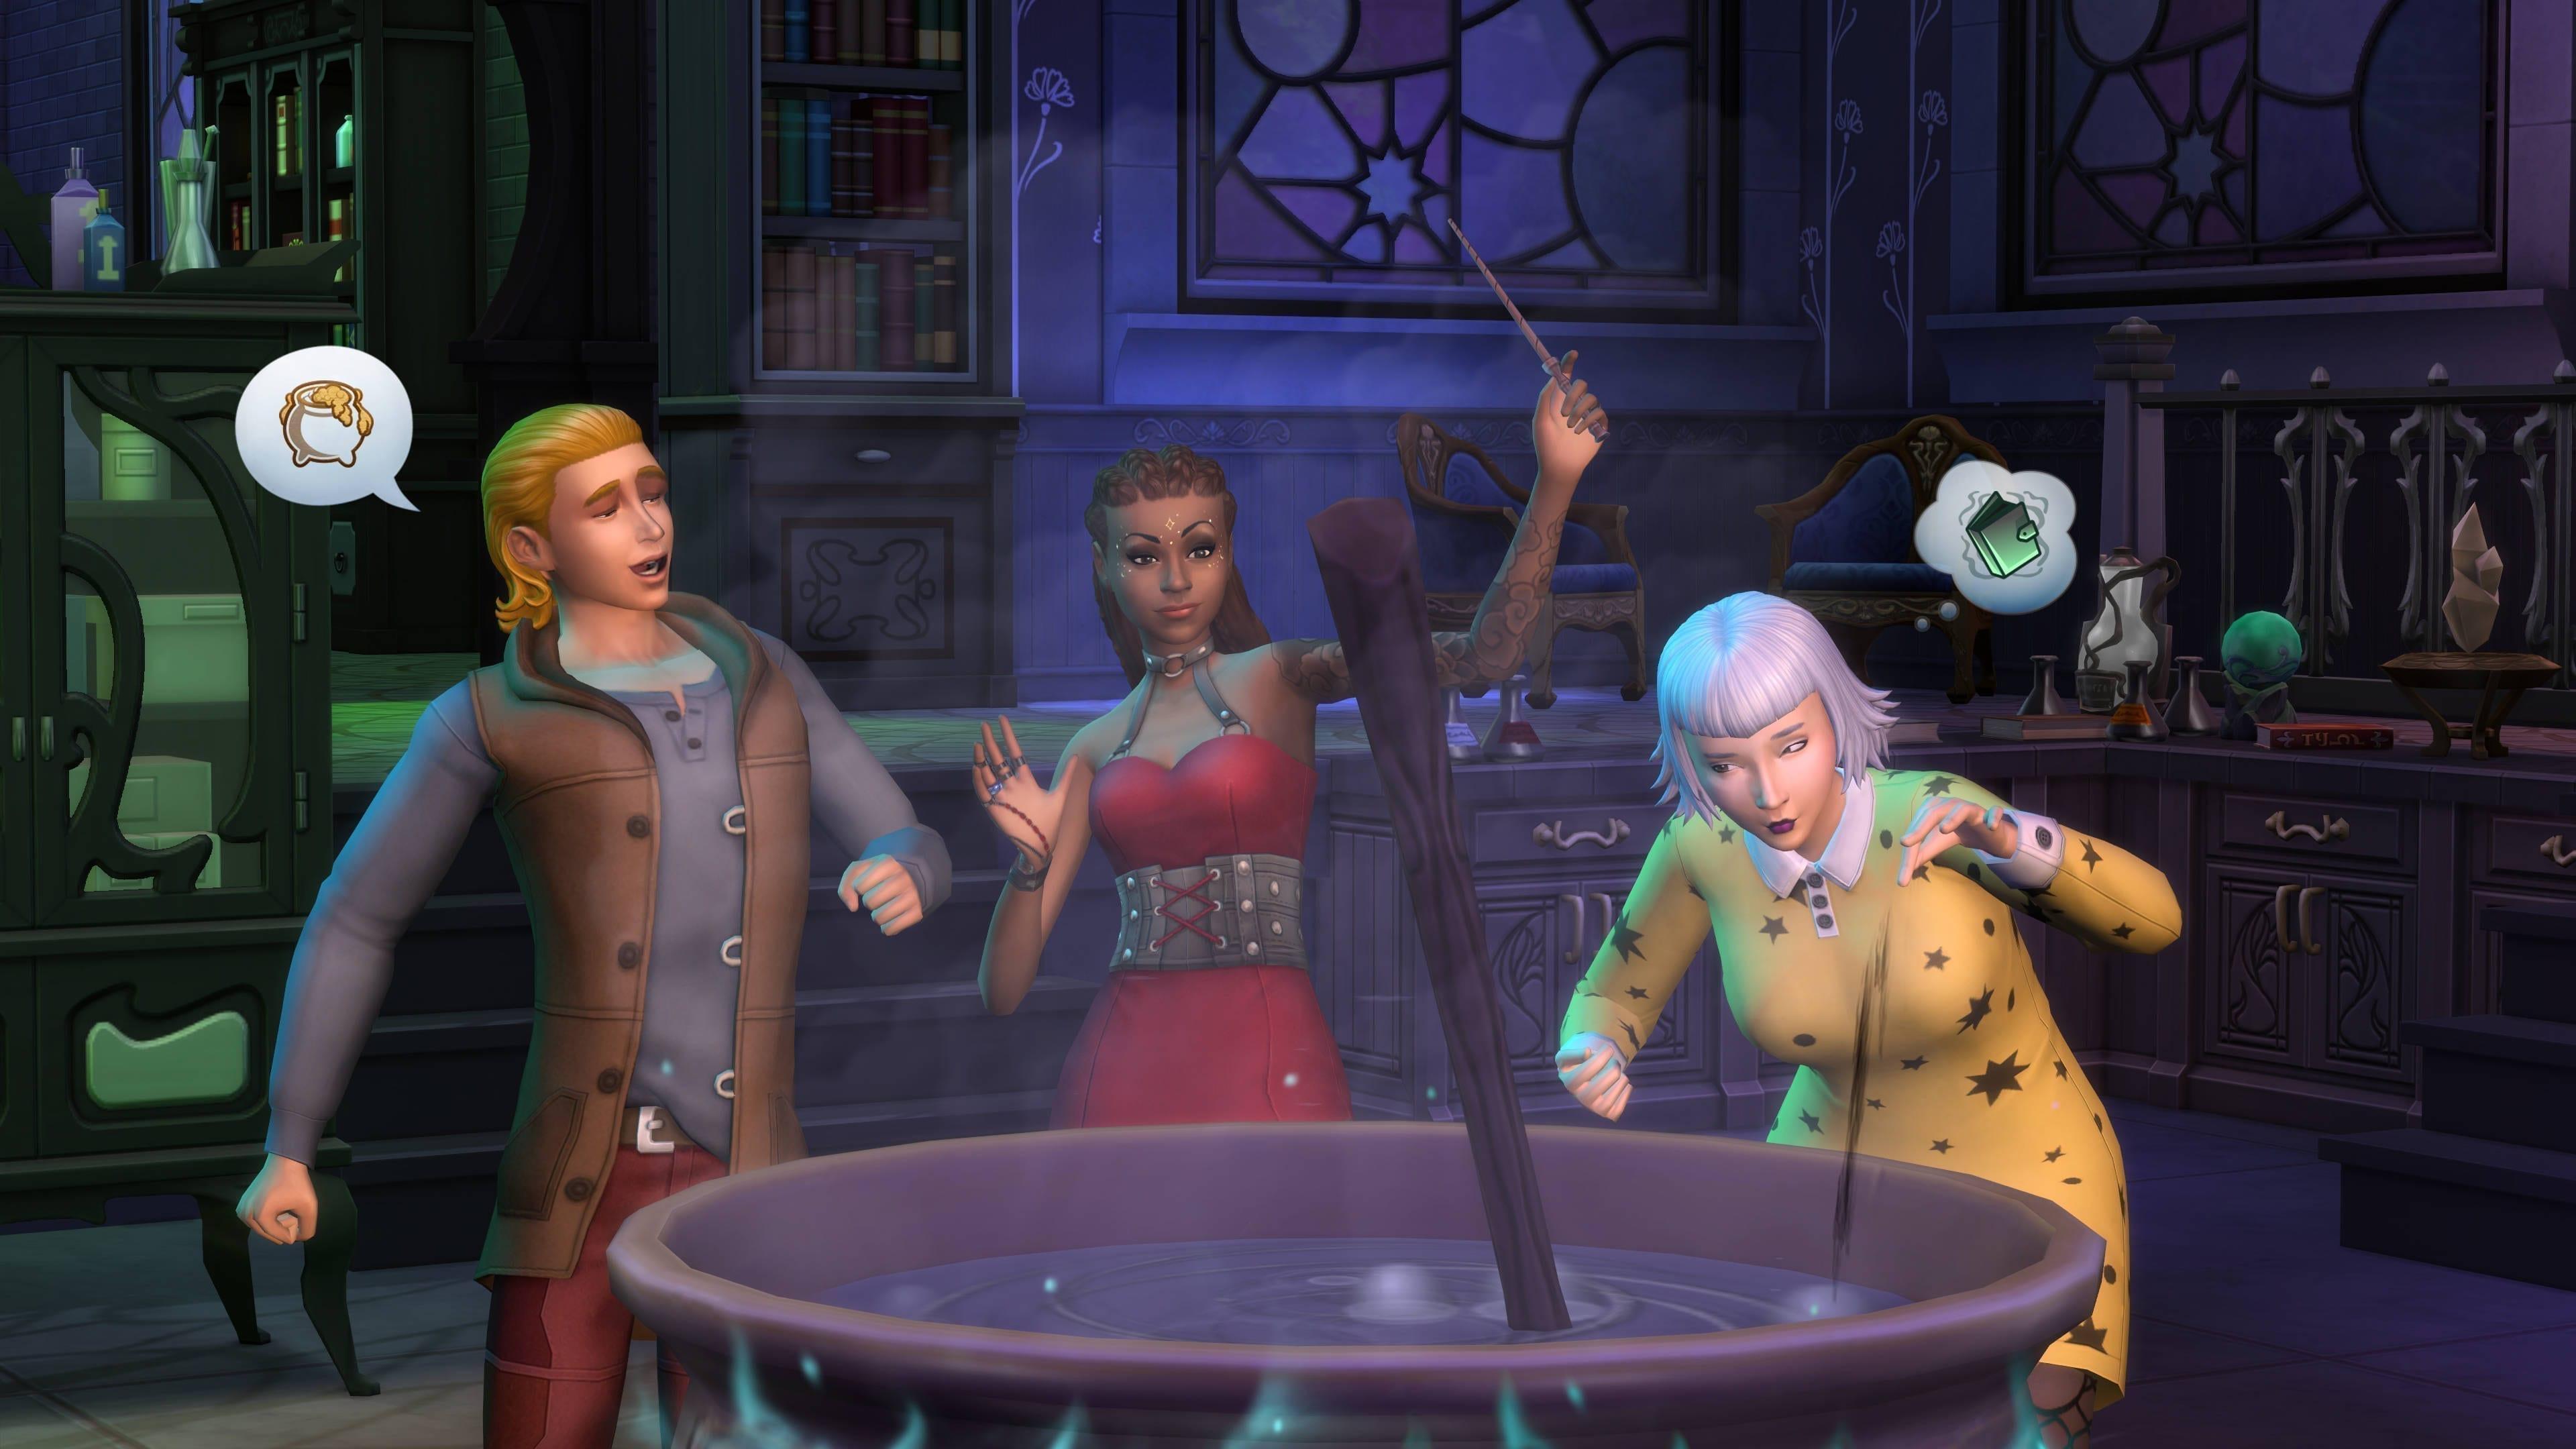 Es ist Zeit, gut gestylt den Zauberstab zu schwingen, und Tränke zu brauen!